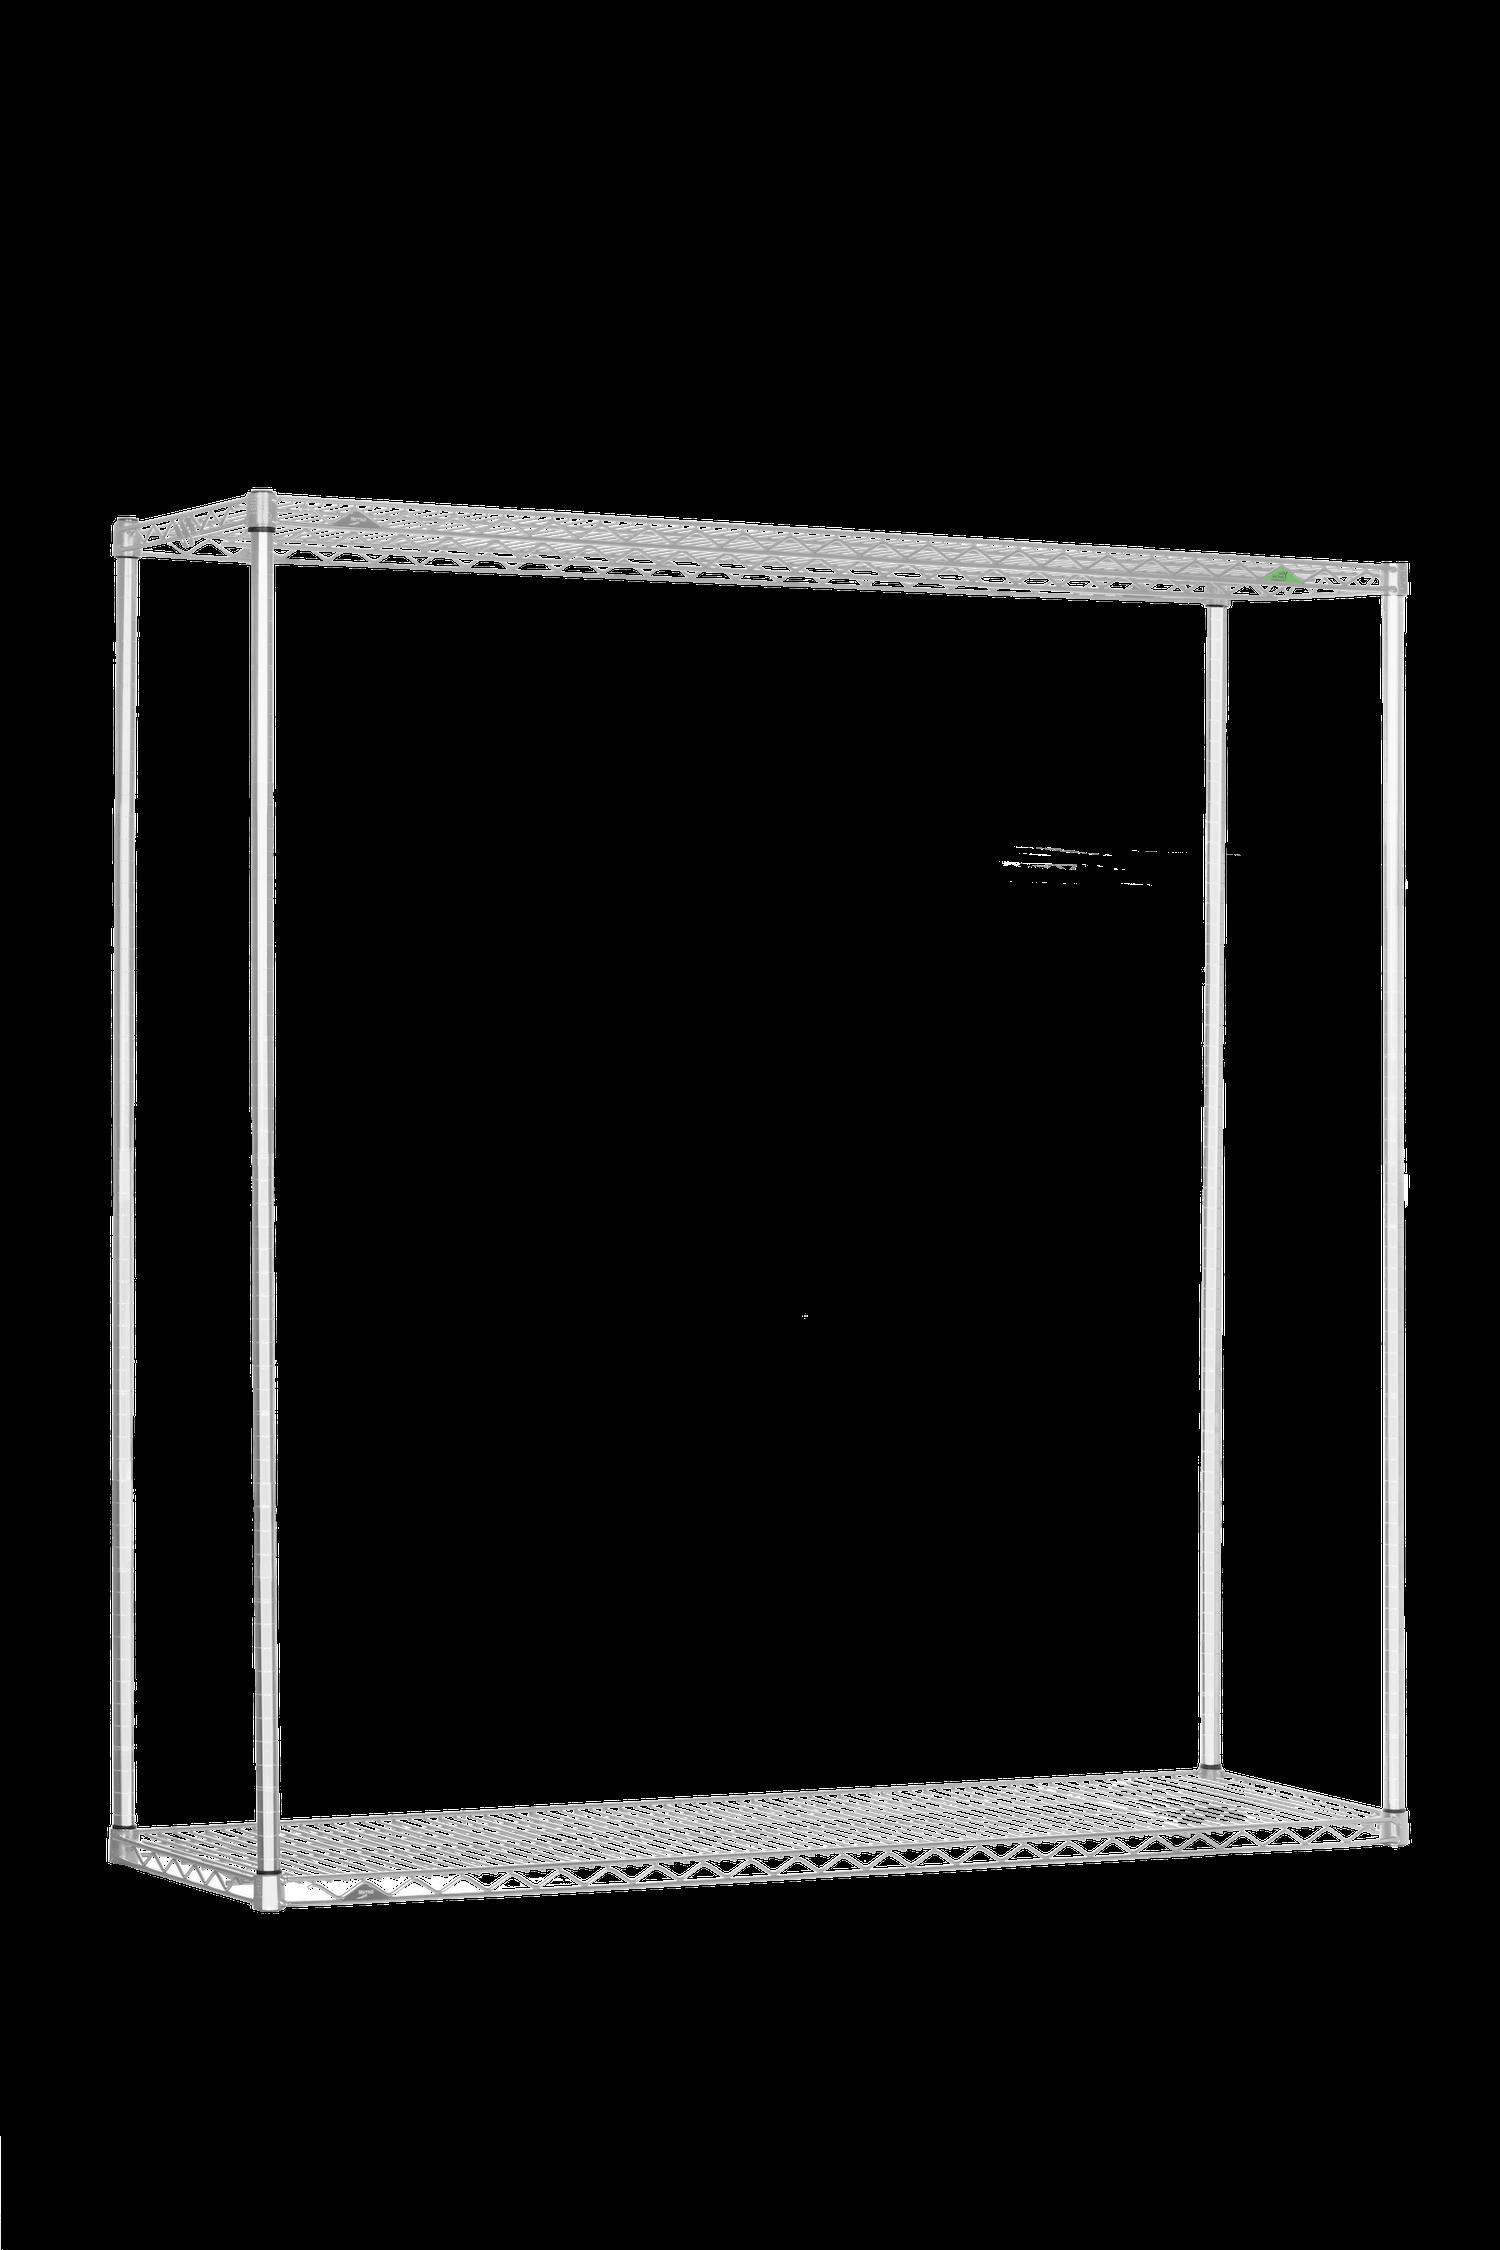 457x1066mm, 18x42 inch